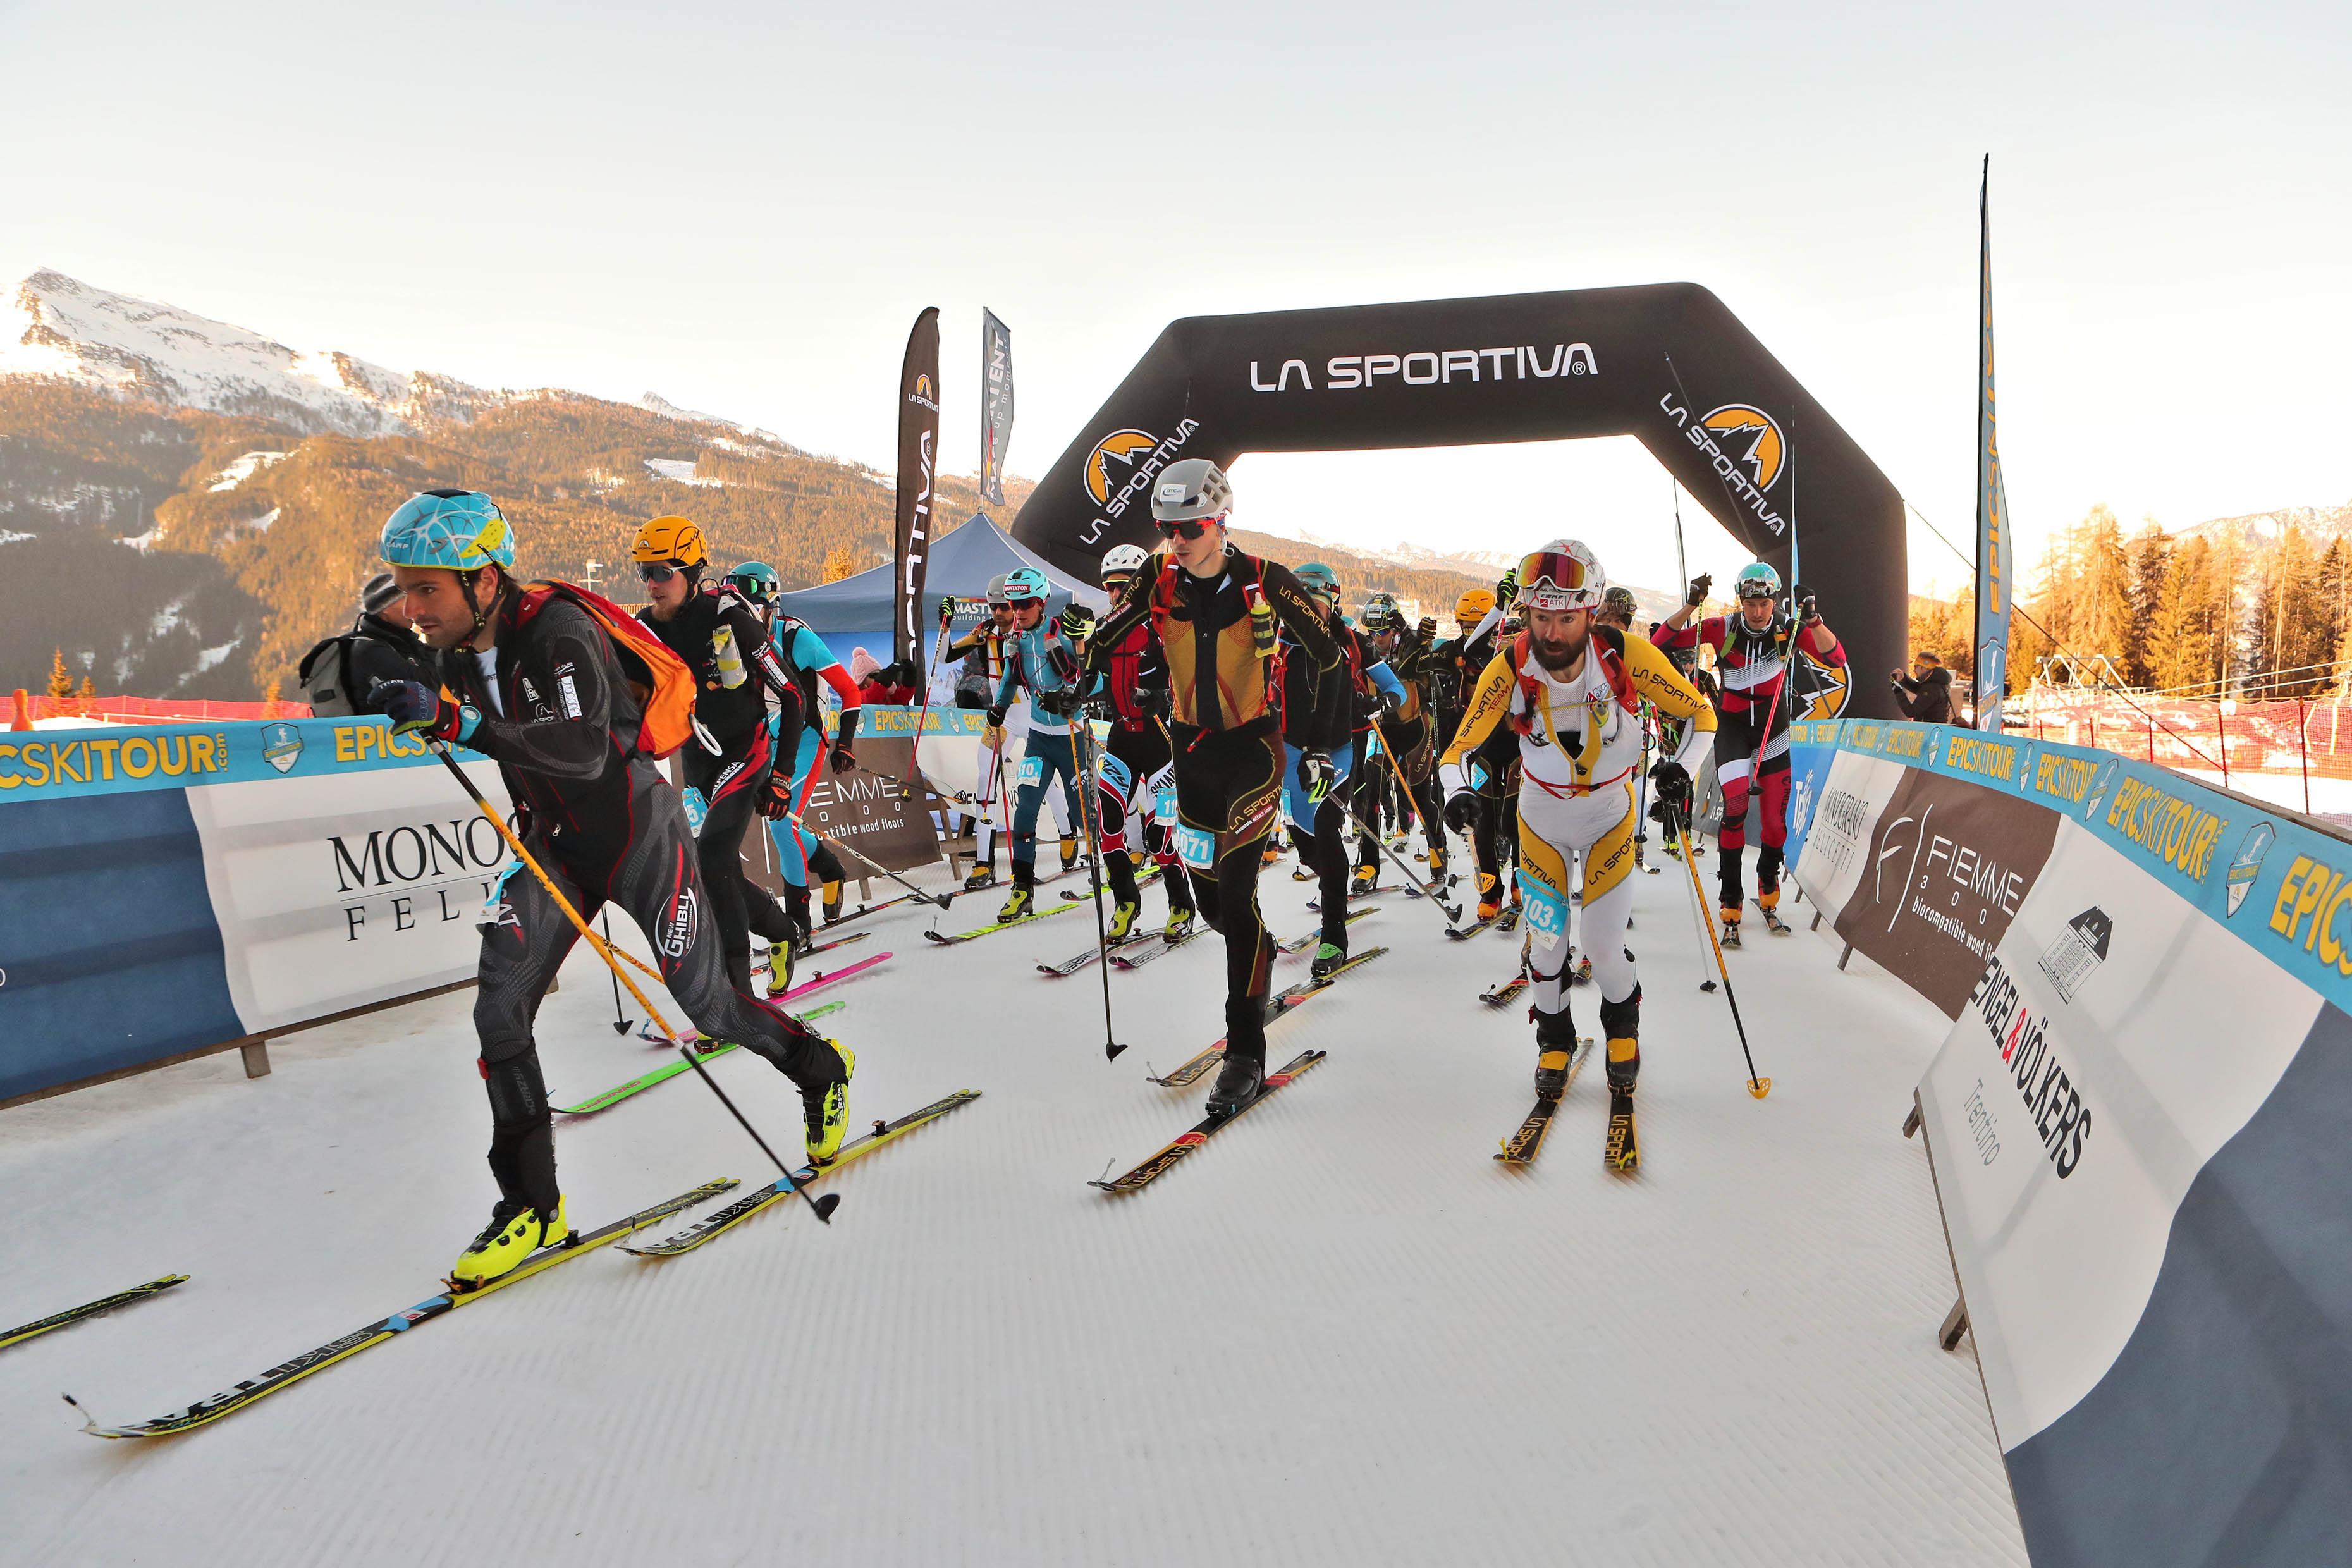 Partenza II tappa La Sportiva Epic Ski Tour 2019